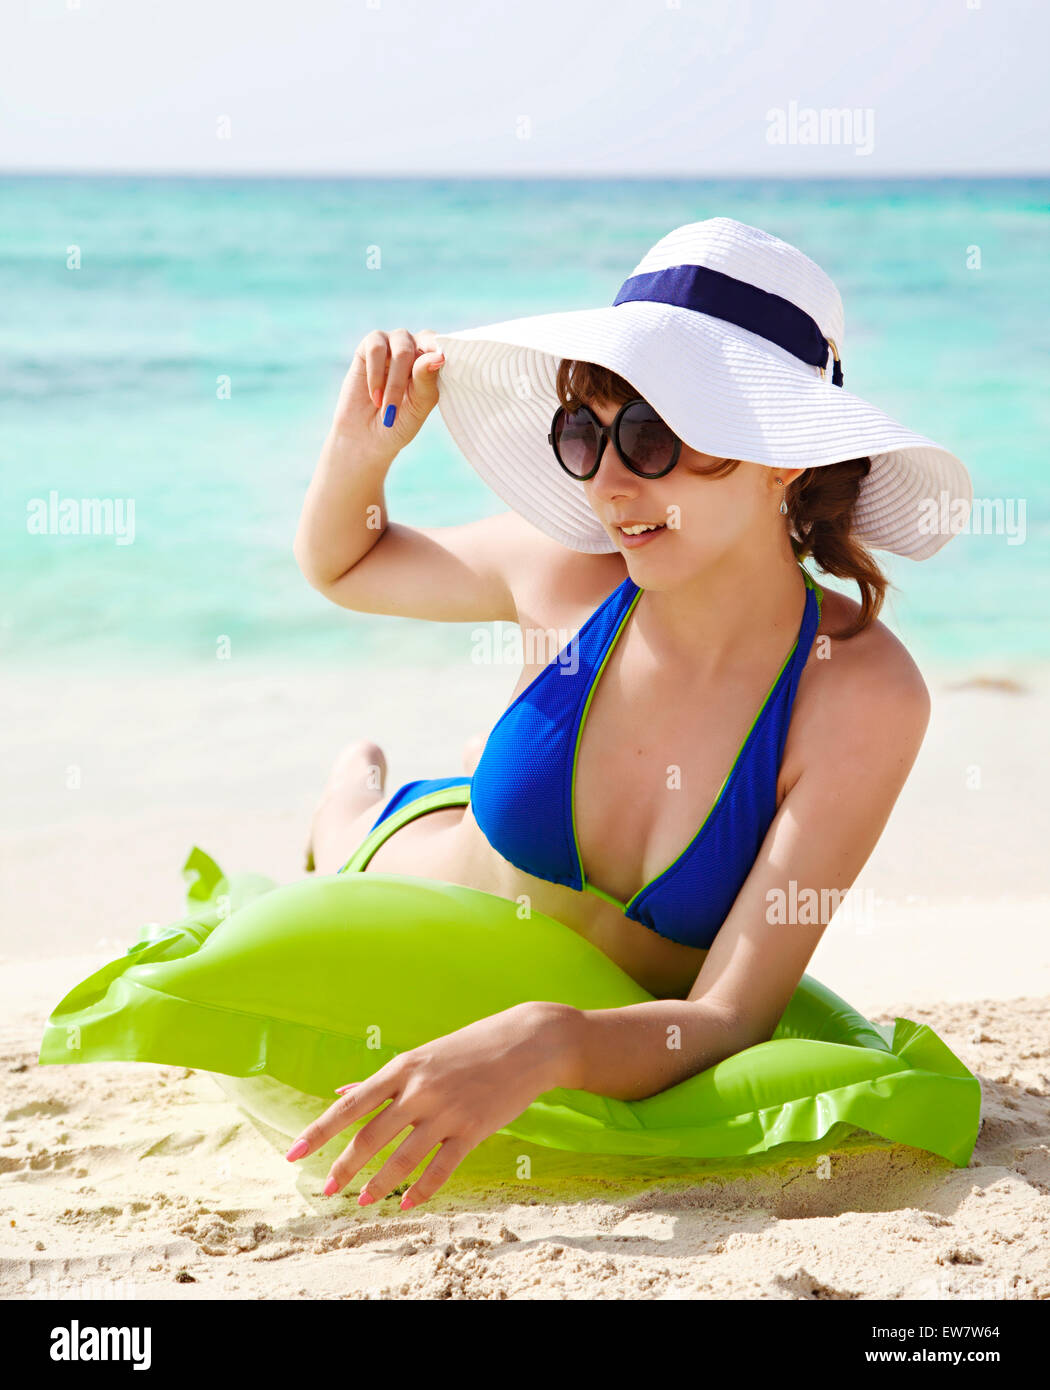 Teenager-Mädchen in einem Bikini Sonnenbaden am Strand Stockbild